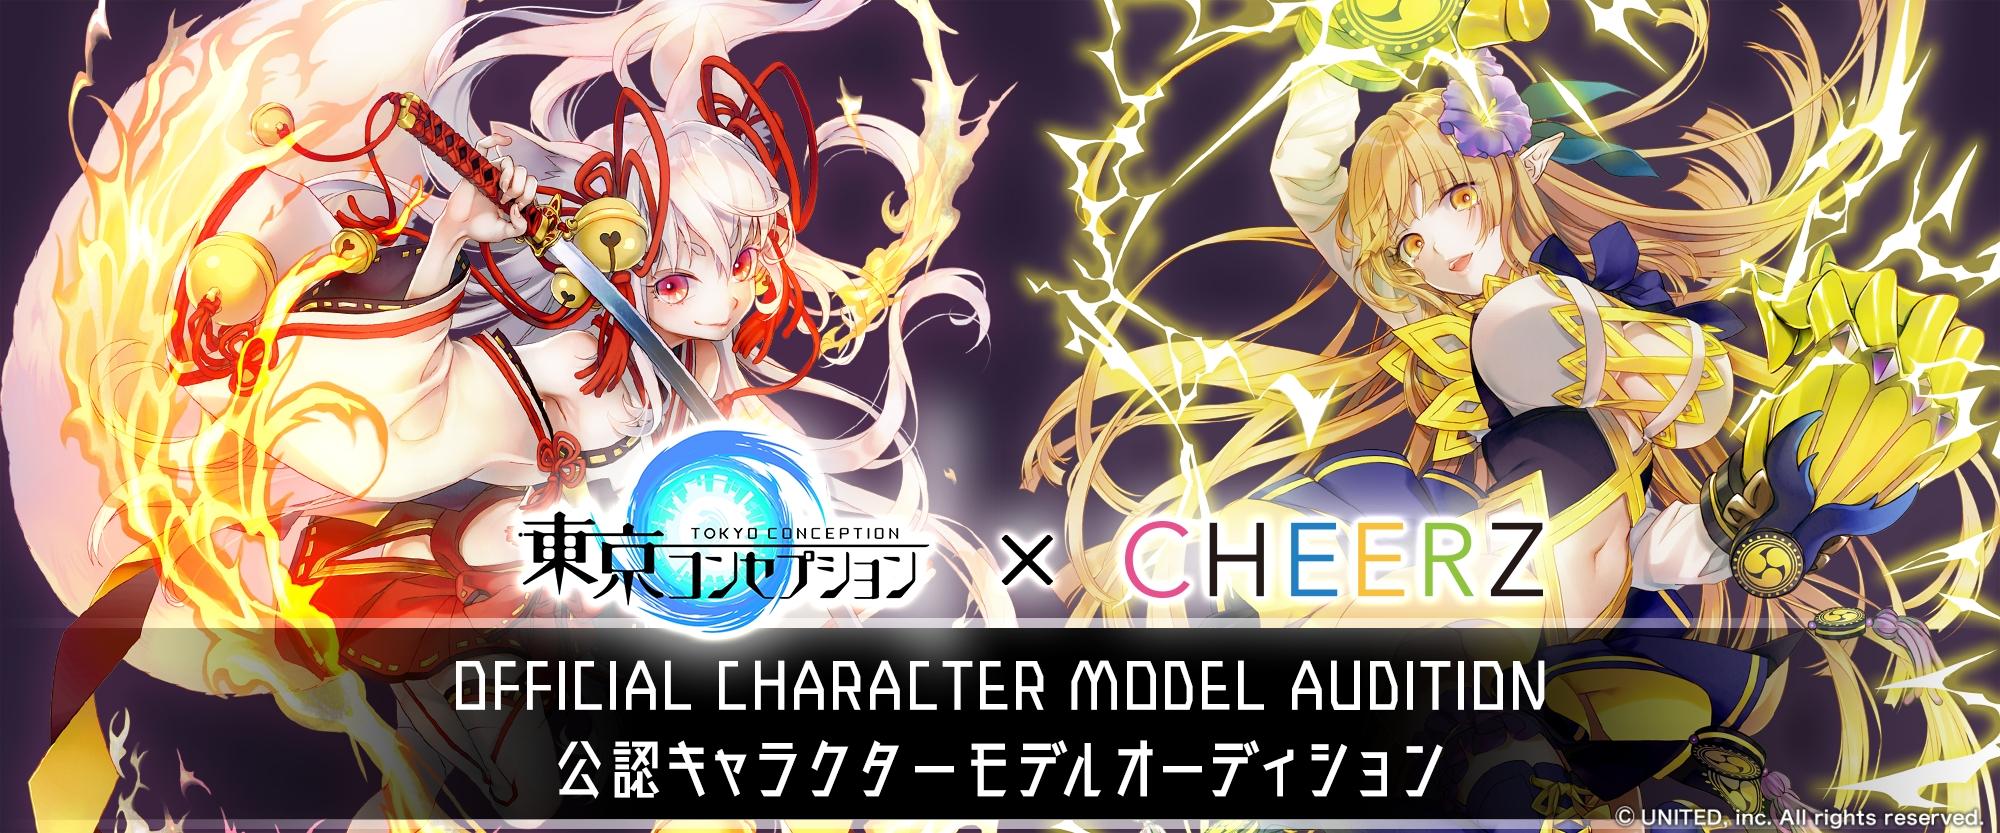 キャラクターモデルオーディションを開催!